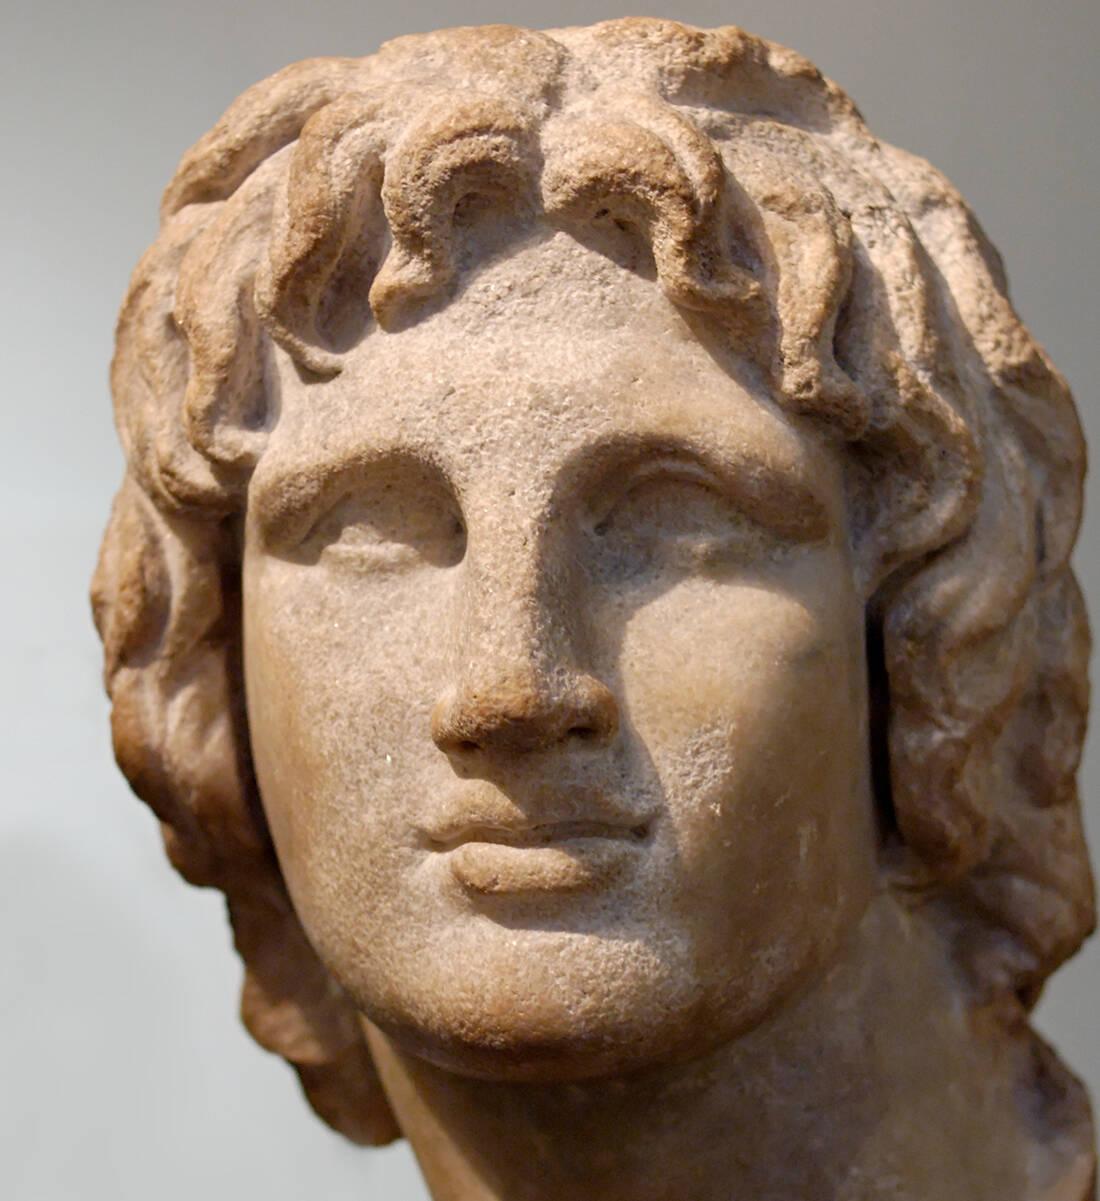 Με πόσο στρατό έφτιαξε ο Μέγας Αλέξανδρος τη μεγαλύτερη αυτοκρατορία του αρχαίου κόσμου 13